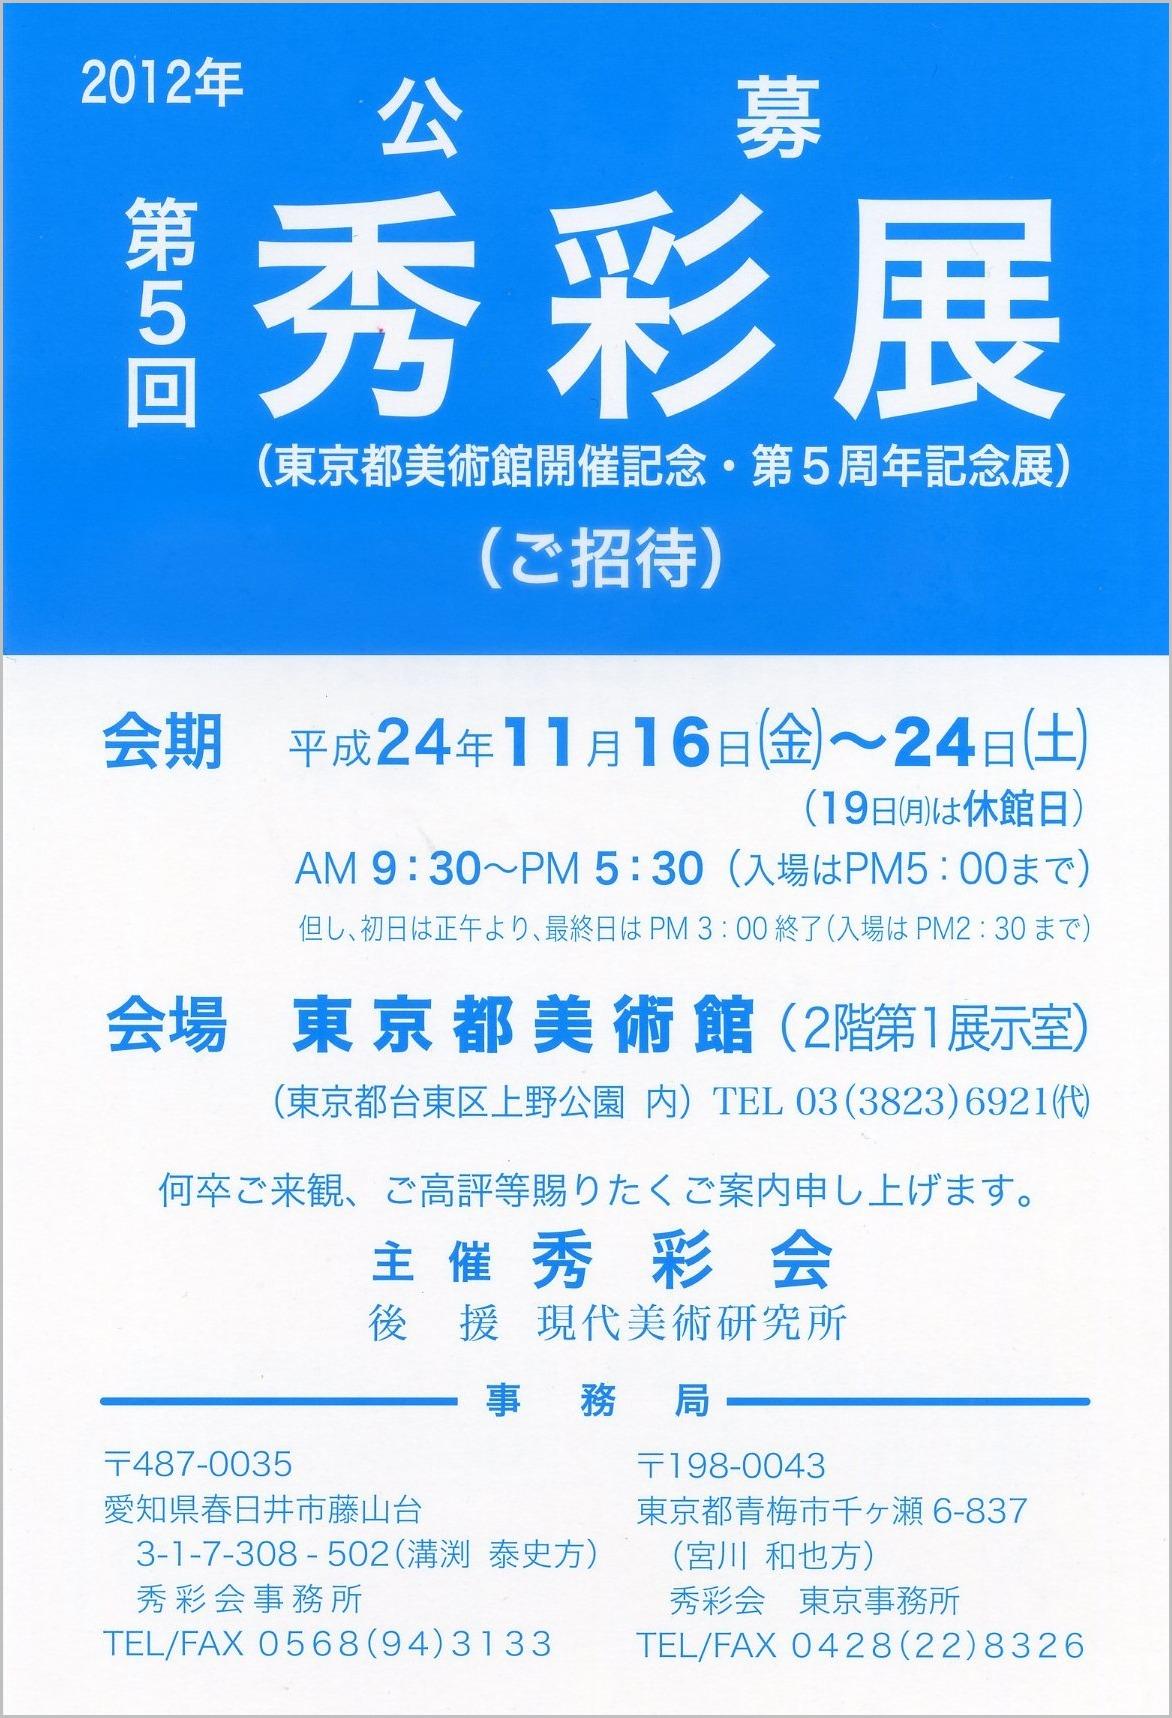 5回秀彩展(東京都美術館開催記念・第5周年記念展)_a0086270_18205476.jpg